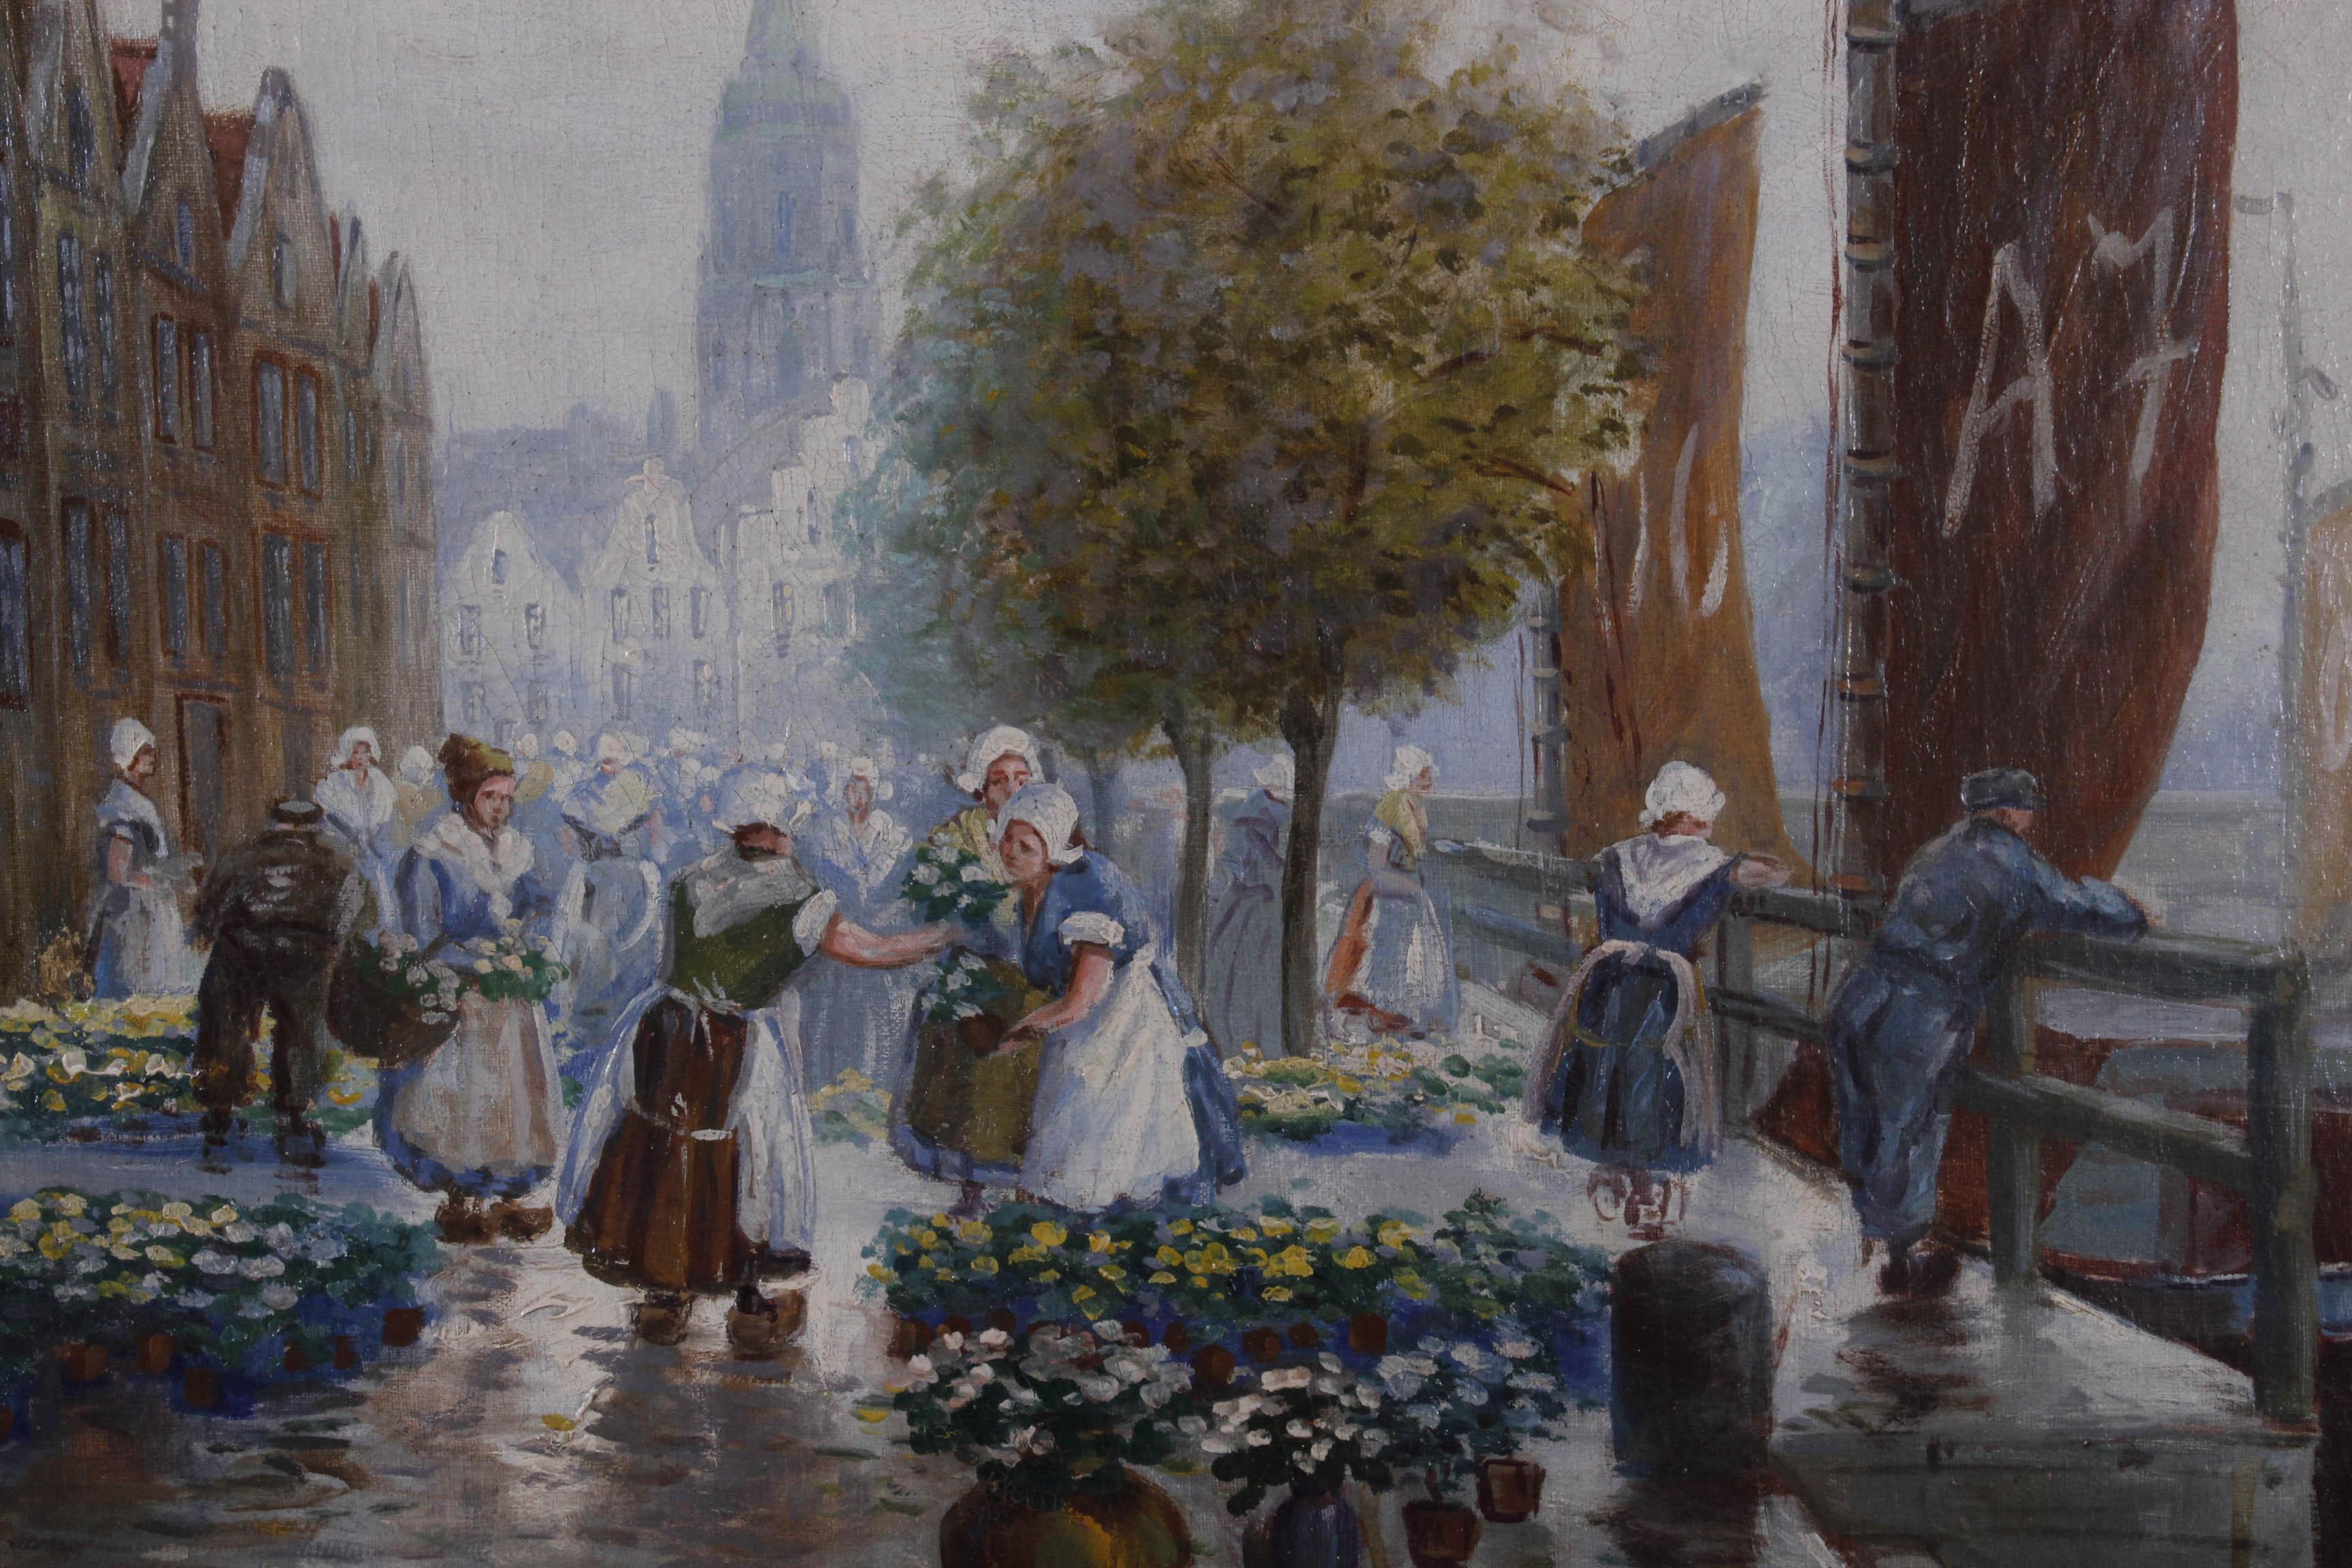 S. HOUSERMANN, Kwiaciarki